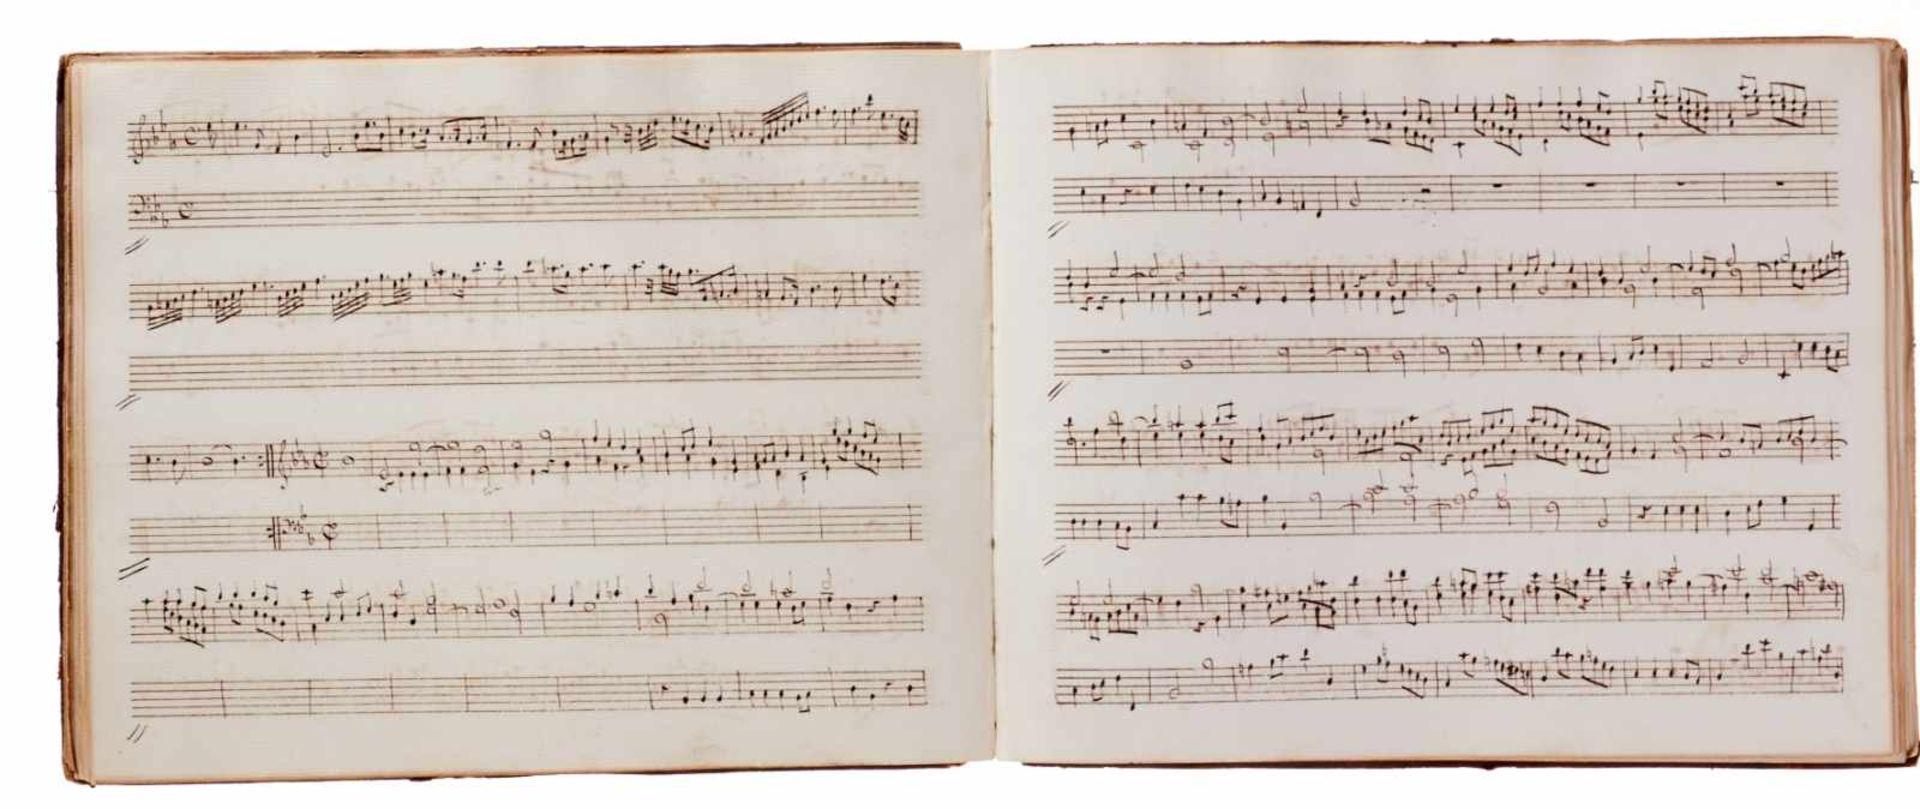 Notiz- und Skizzenbuch eines in Großbritannien tätigen Komponisten.Musikhandschrift auf Papier. Wohl - Bild 20 aus 30